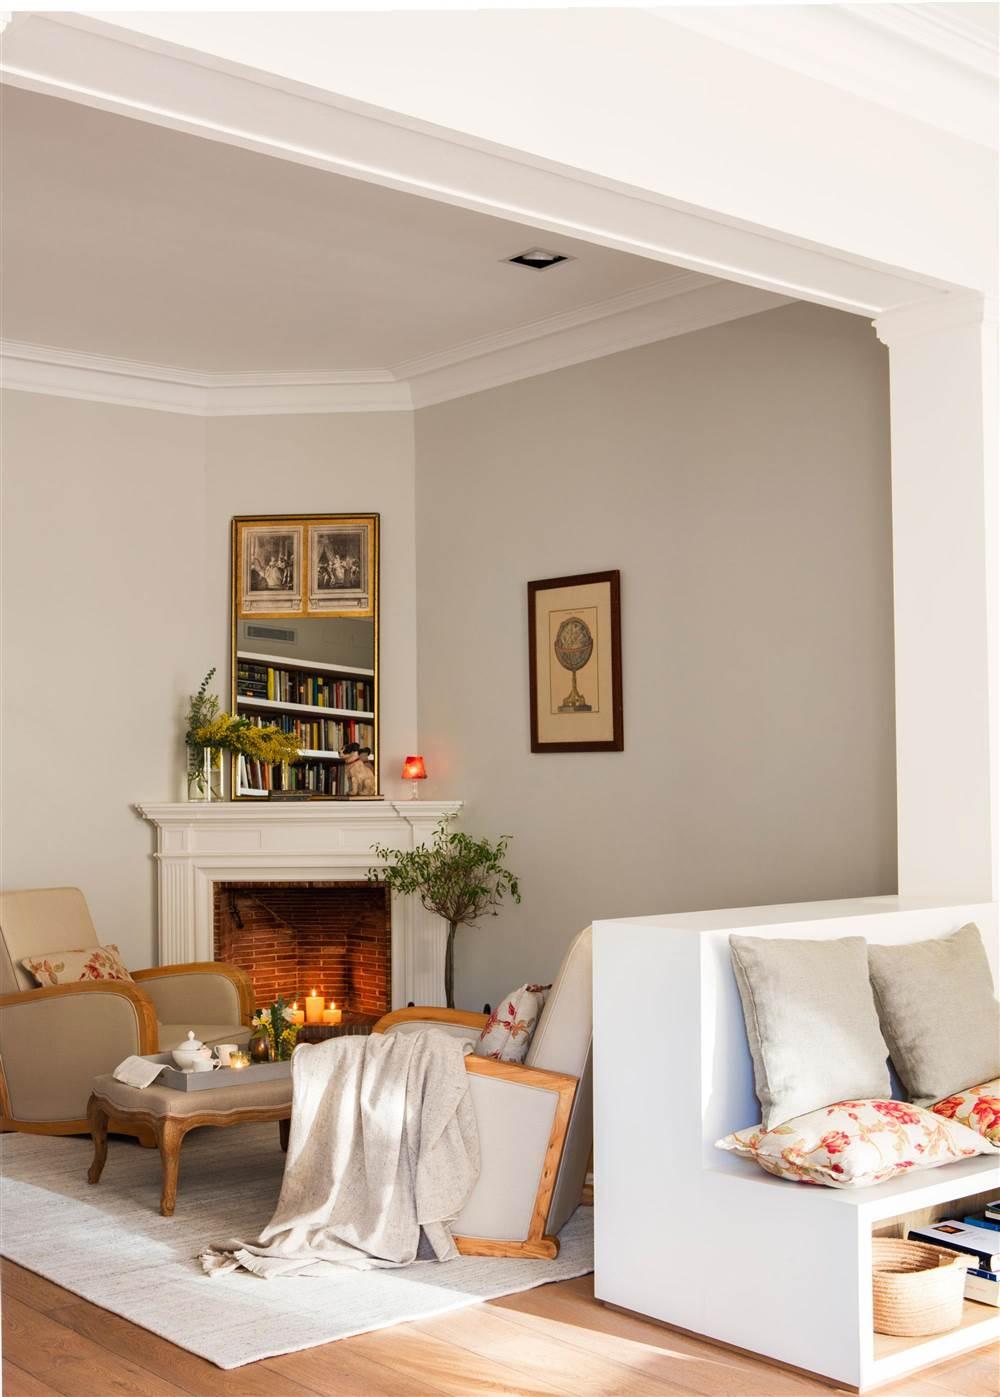 Imagenes de salones pintados great y with imagenes de salones pintados simple free comedor y - Salones pintados en gris ...